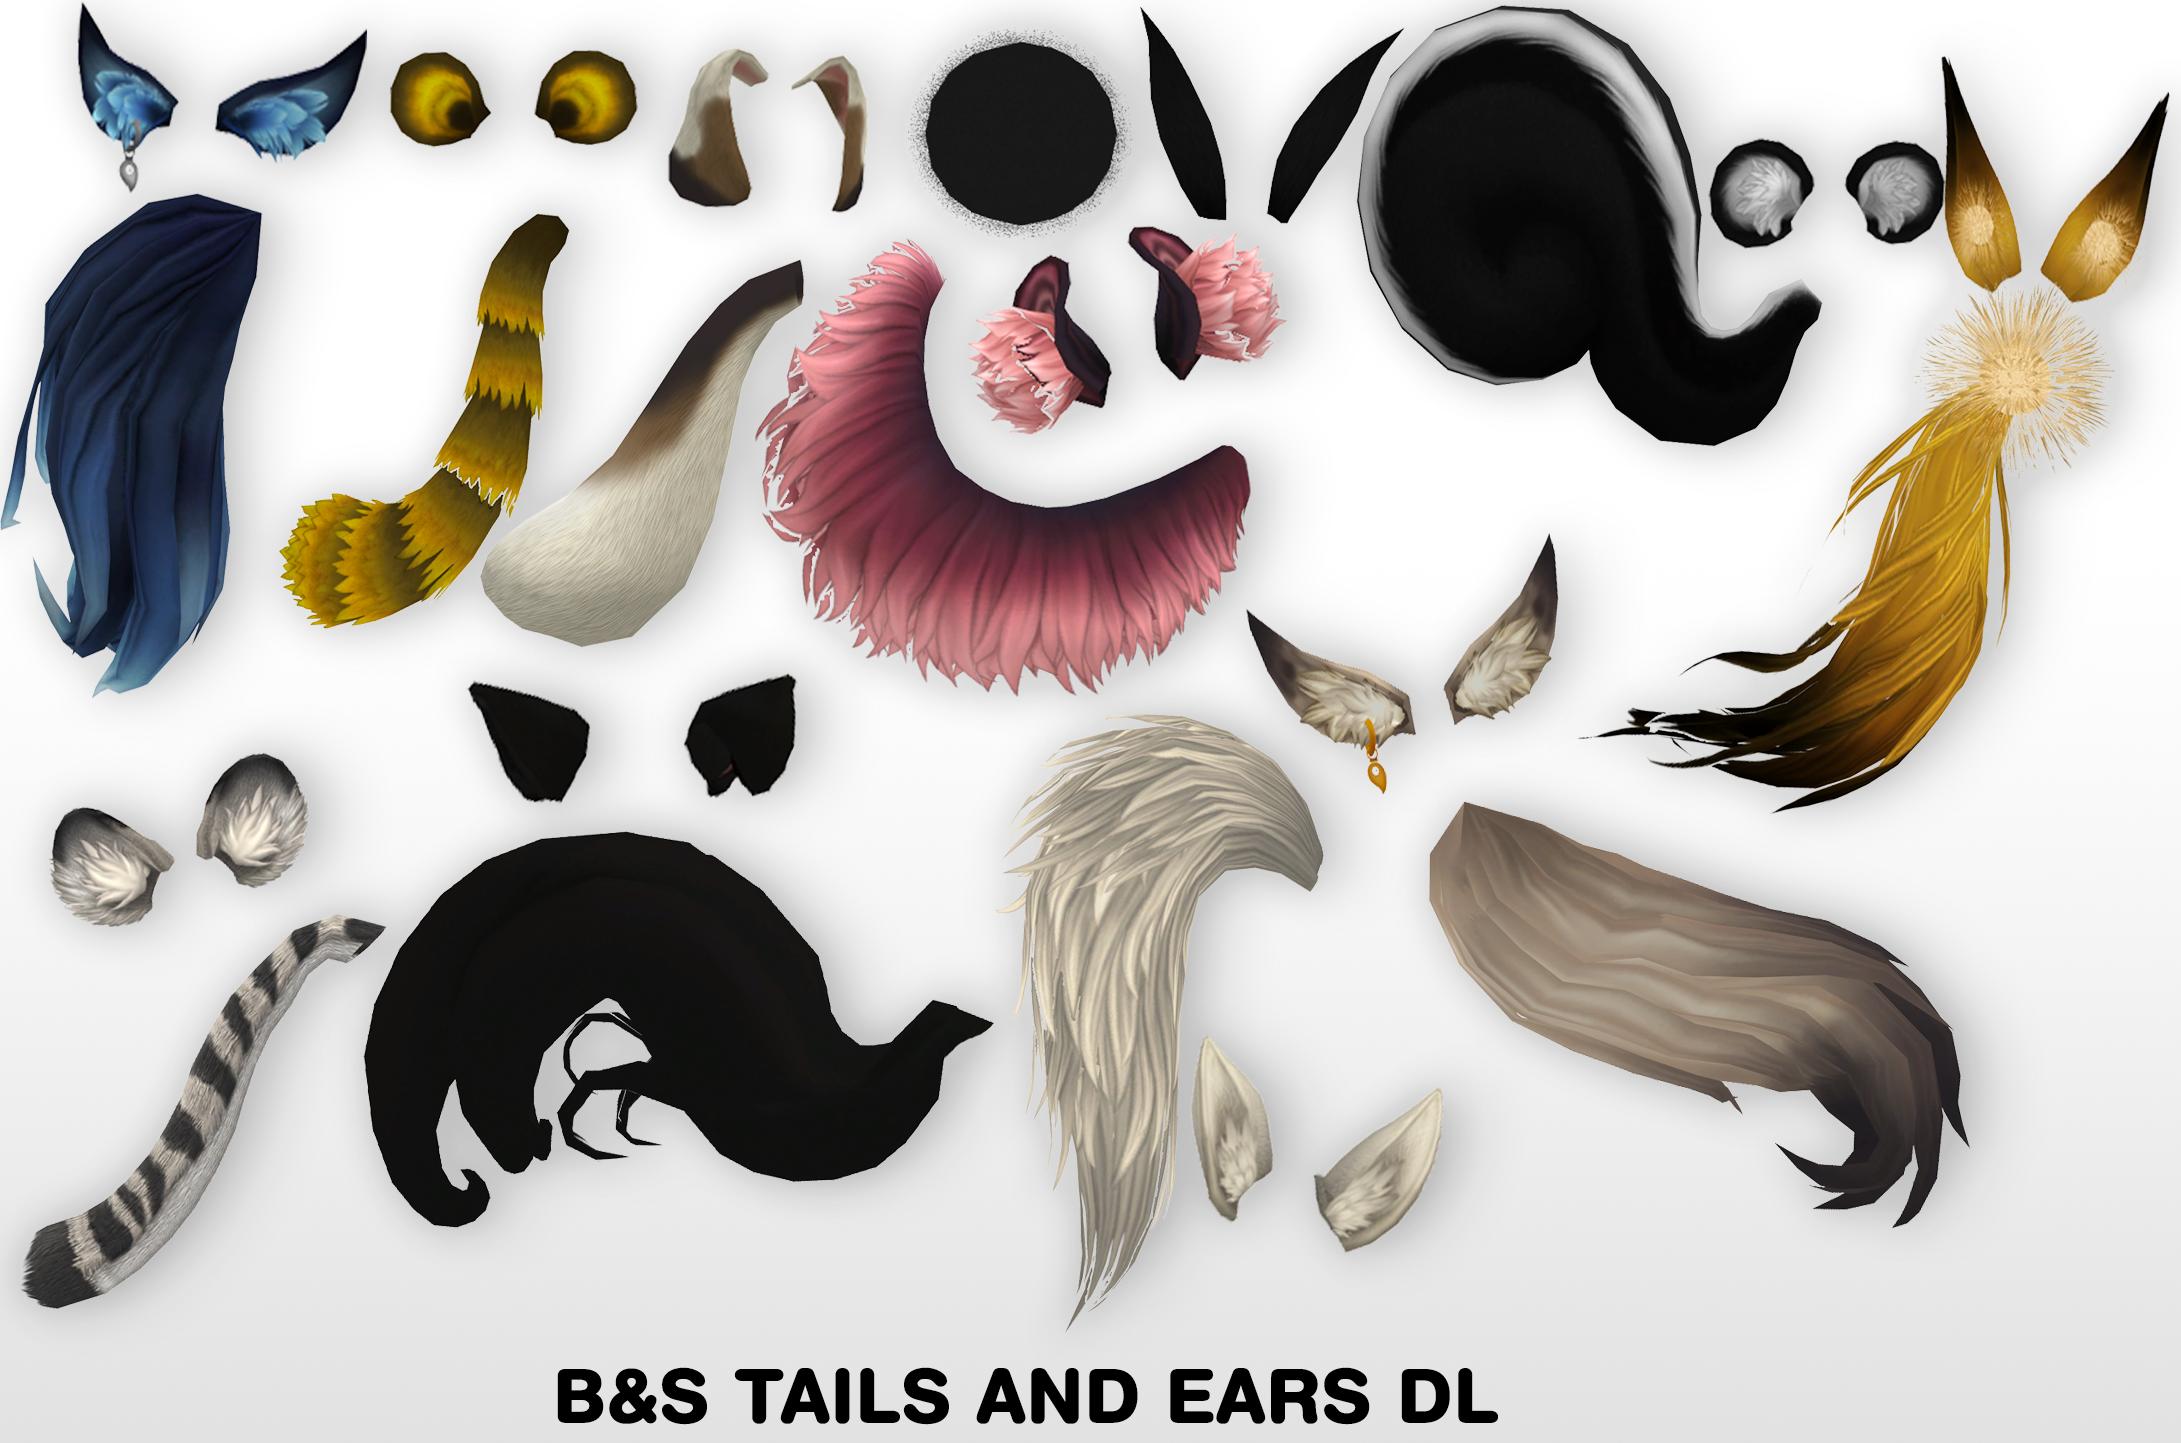 Aphmau Wolf Ears – Wonderful Image Gallery